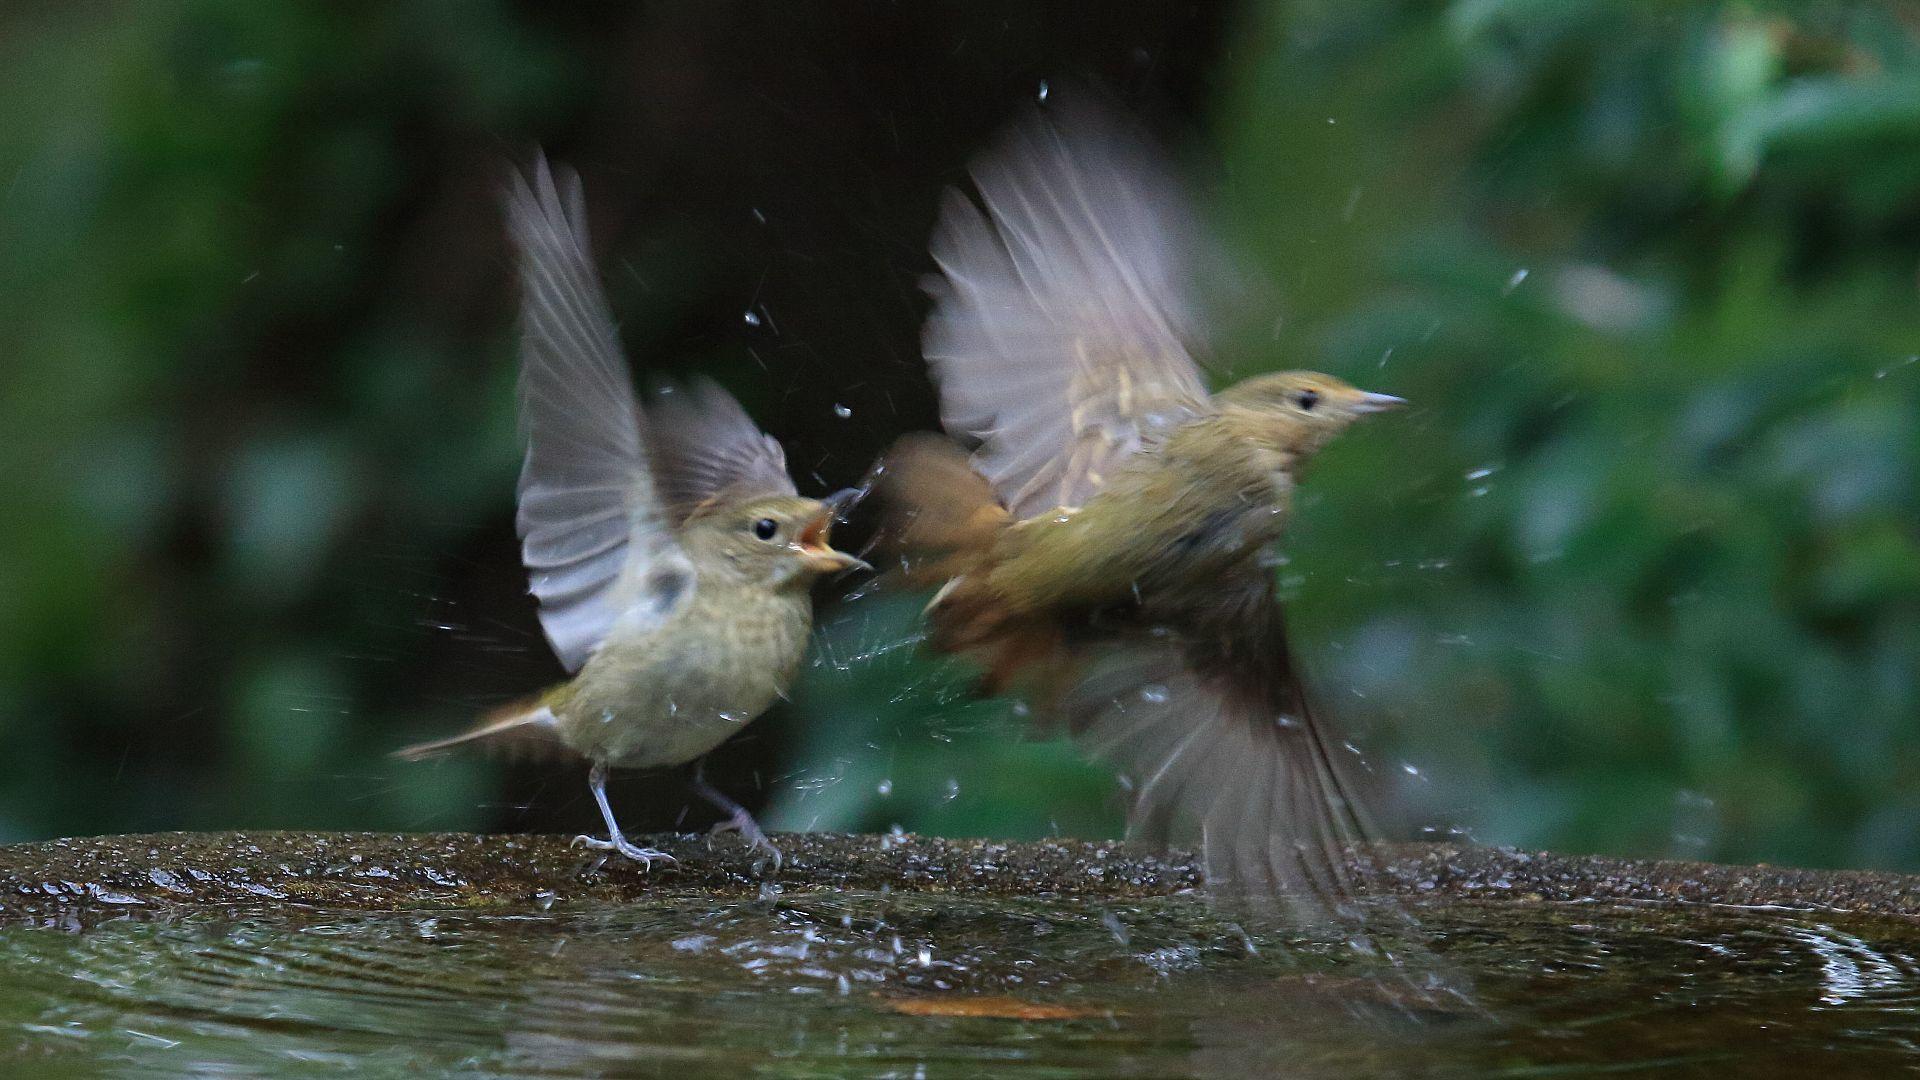 キビタキ幼鳥どうしのバトル_f0105570_11371365.jpg